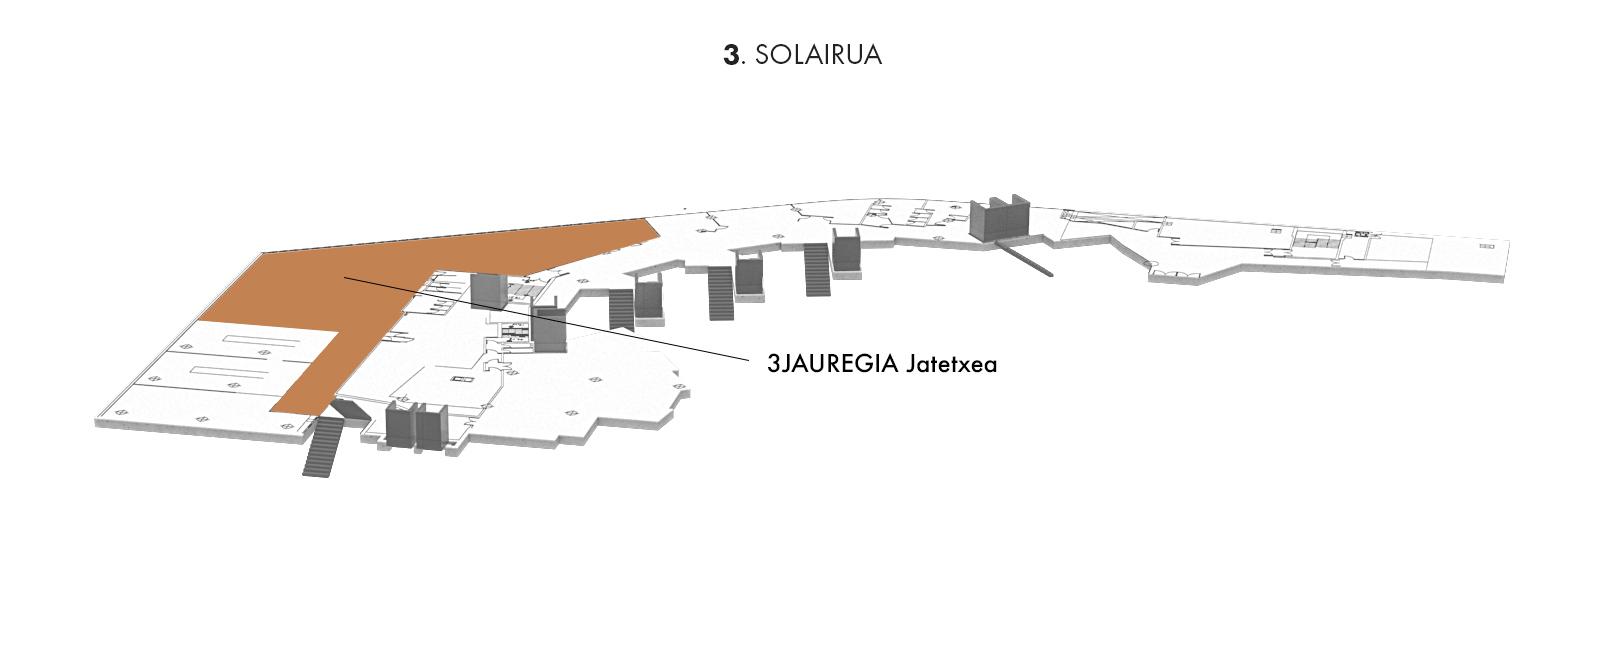 3JAUREGIA jatetxea, 3. solairua | Palacio Euskalduna Jauregia